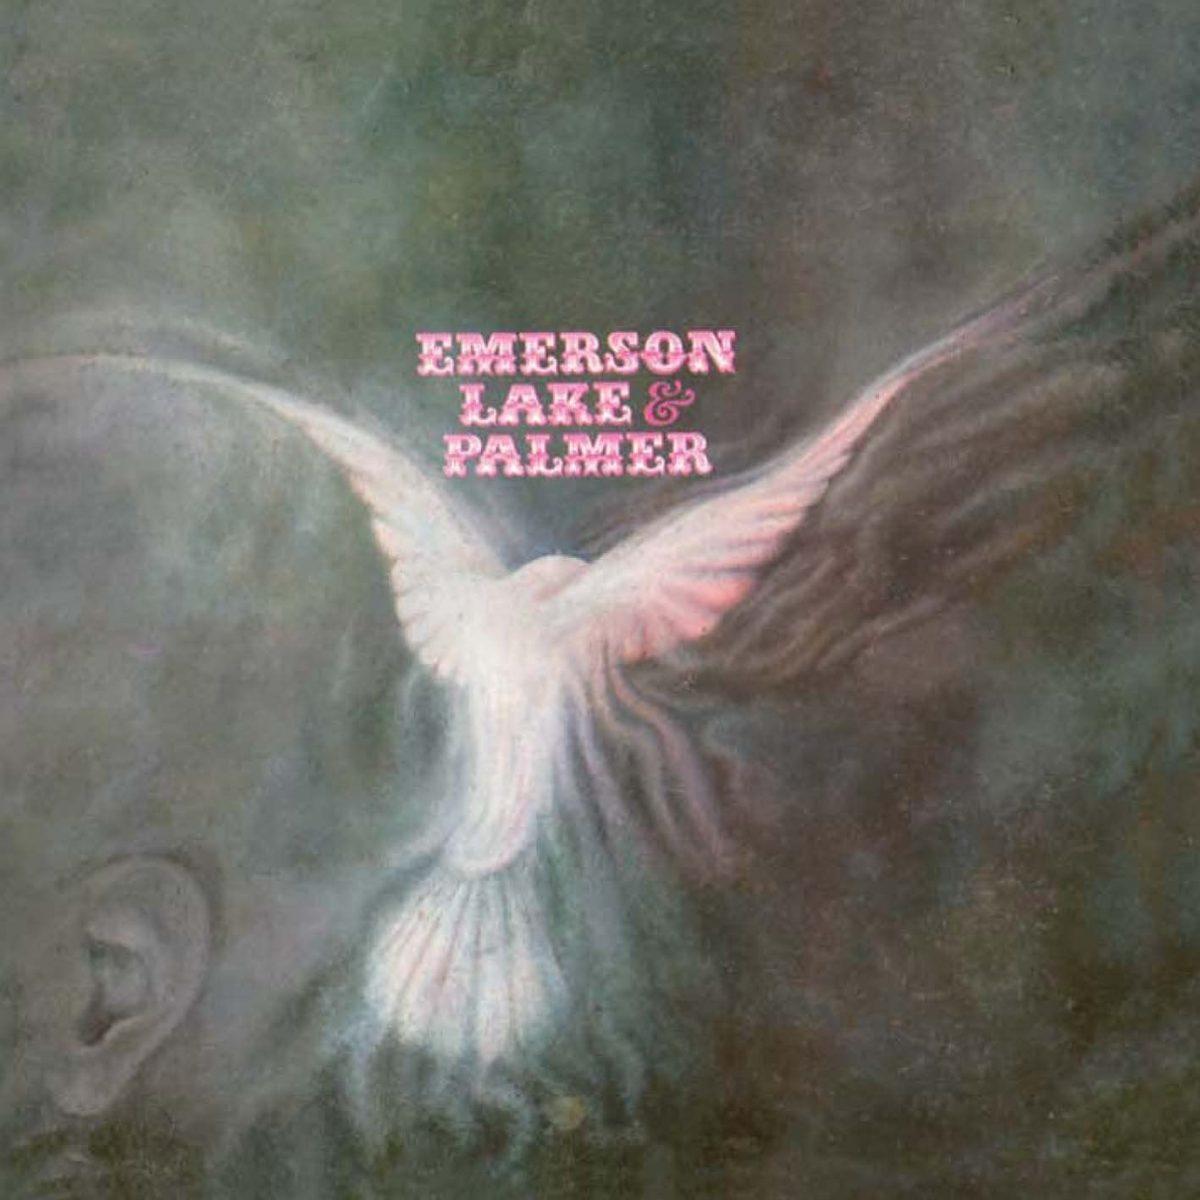 Emerson, Lake & Palmer album cover